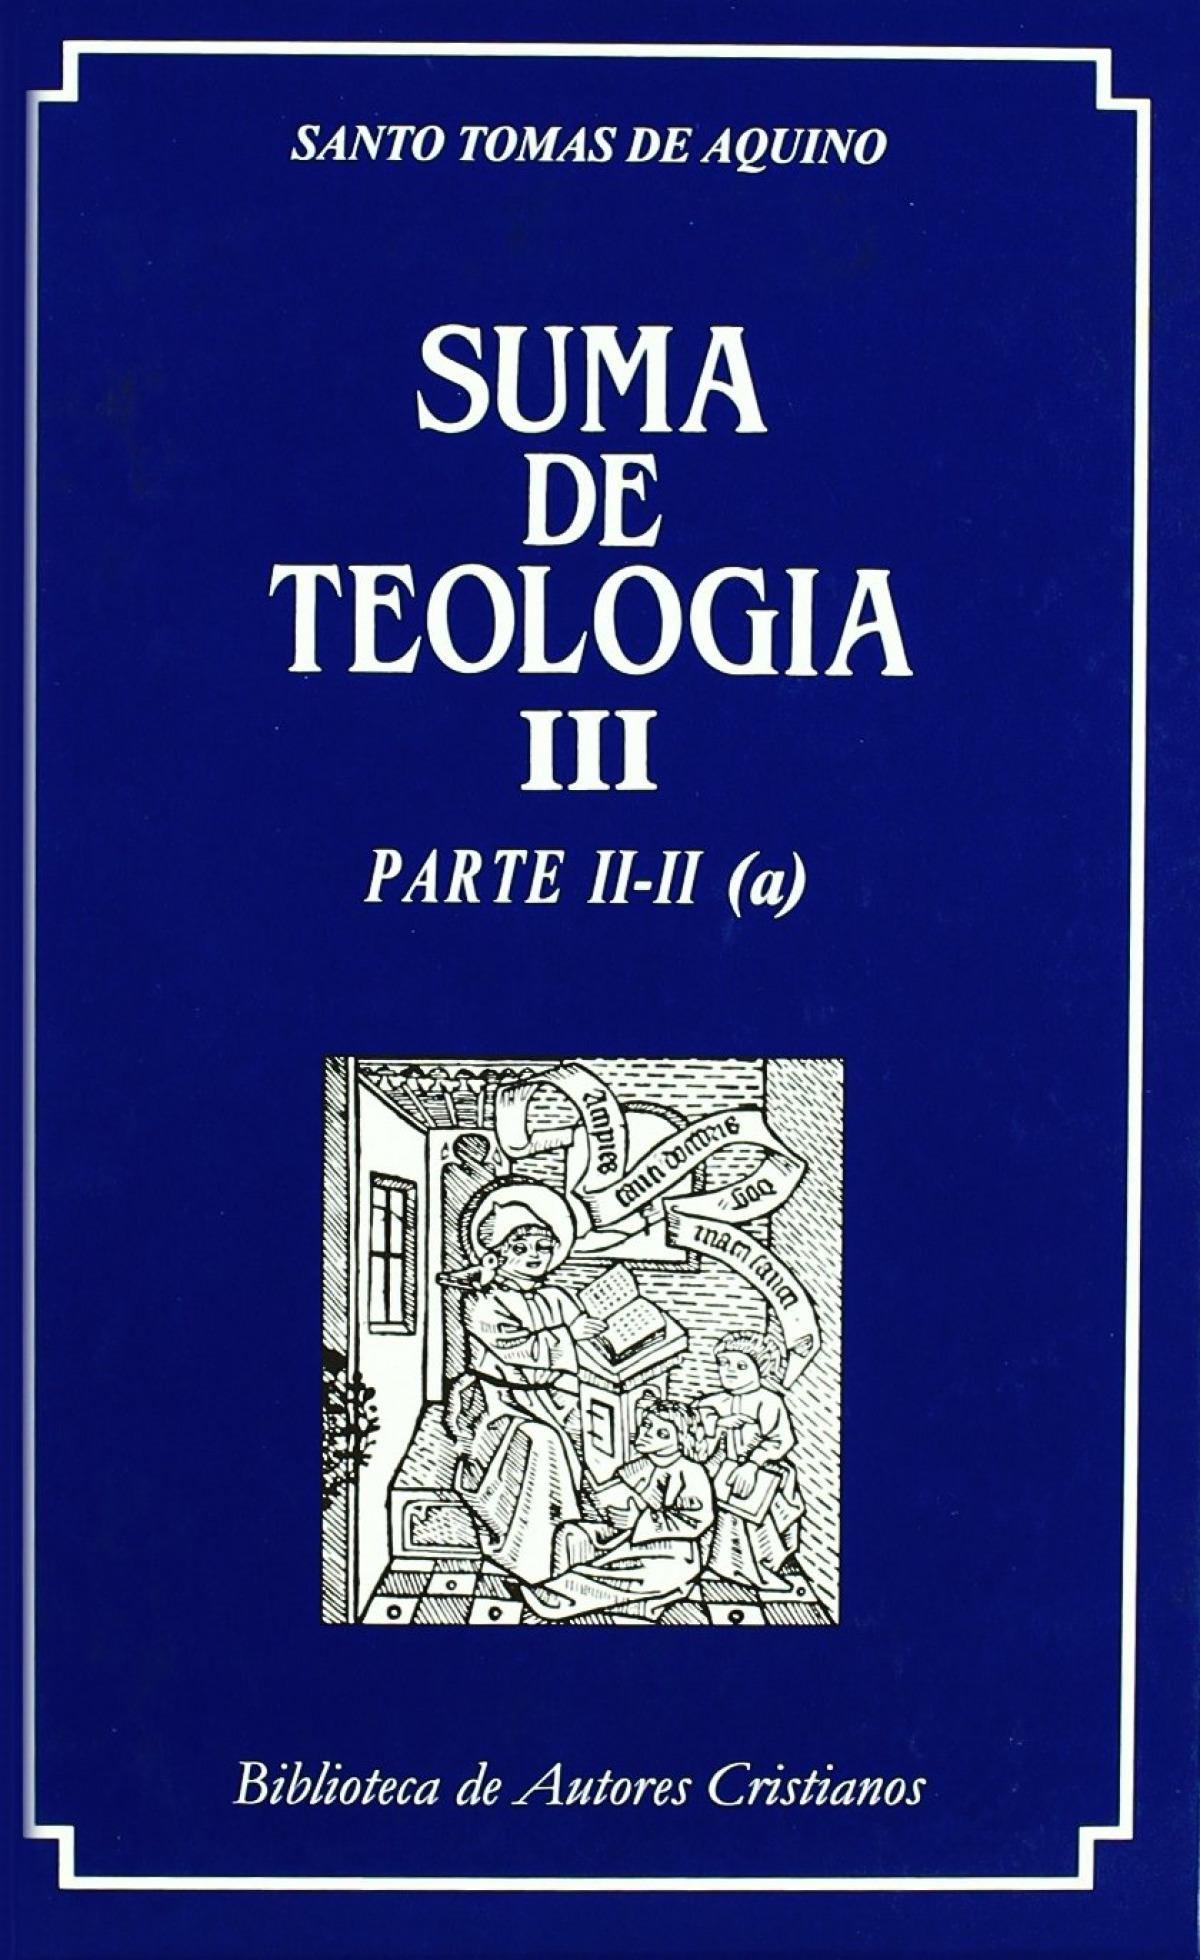 Suma de teología.III: Parte II-II (a) - Santo Tomás de Aquino